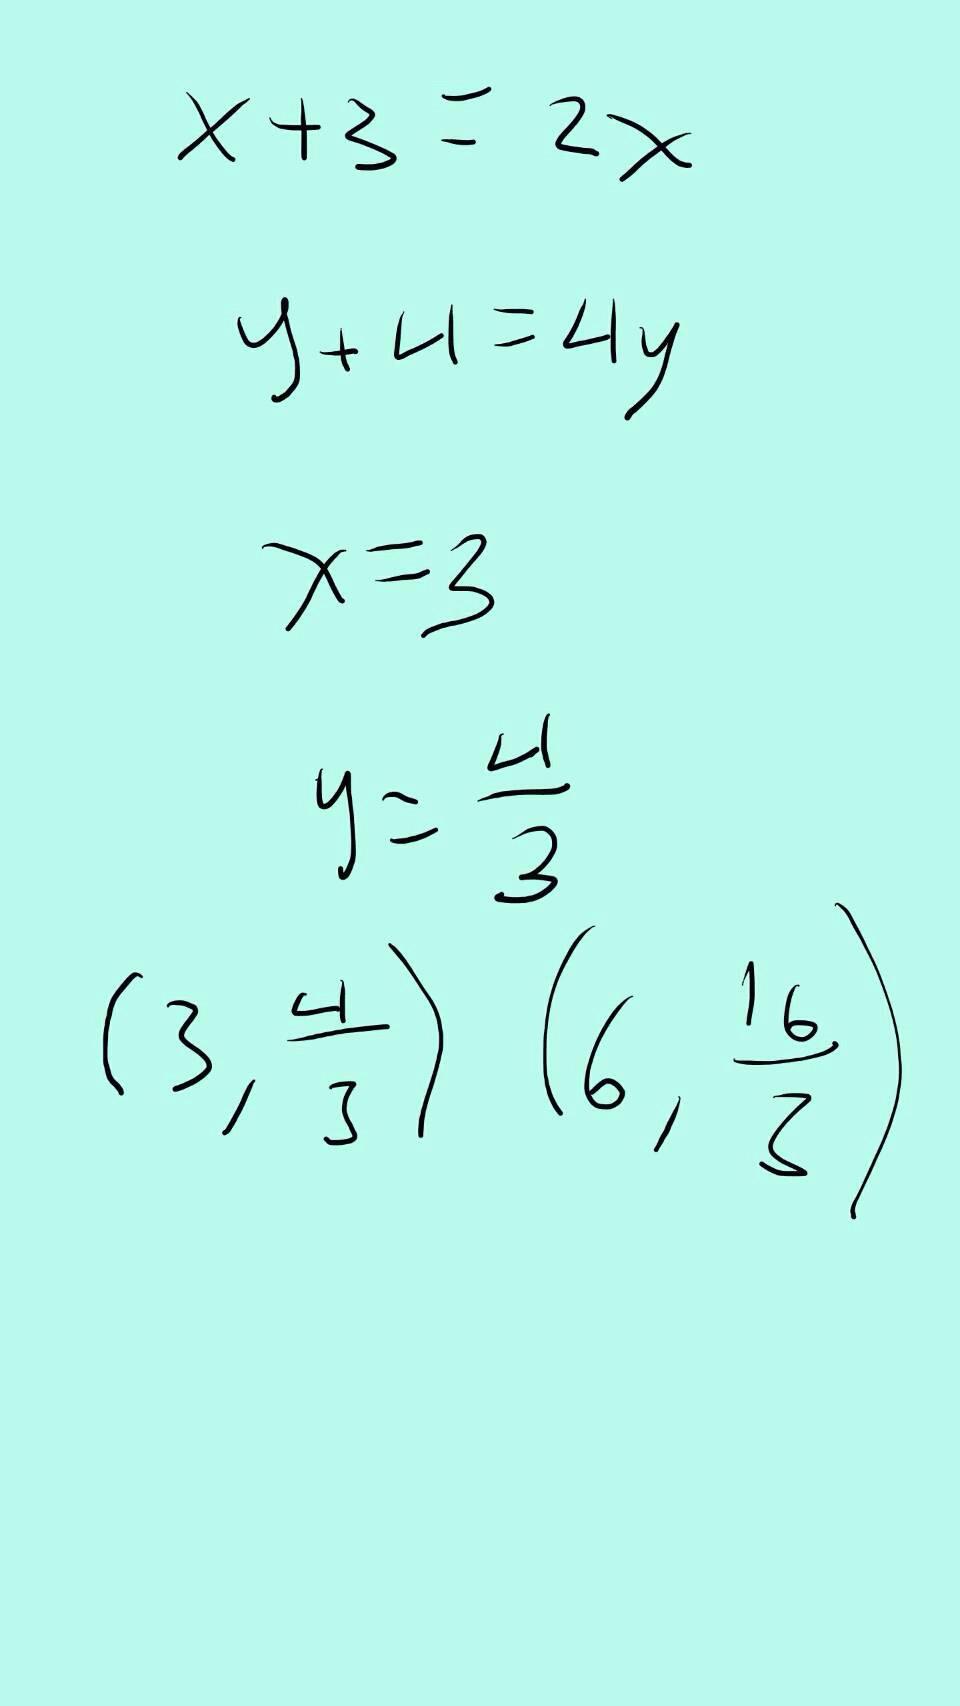 karena x ditranslasikan 3 dan koordinatnya menjadi 2x, jadi x+3=2x Dari situ,  3=2x-x x=3 Lalu, karena y ditranslasikan 4 dan koordinatnya menjadi 4y, jadi y+4=4y Dari situ, 4=4y-y 4=3y y=4/3 Jadi, koordinat C adalah (3, 4/3) dan C' adalah (6,16/3) karena x dikali 2 dan y dikali 4.